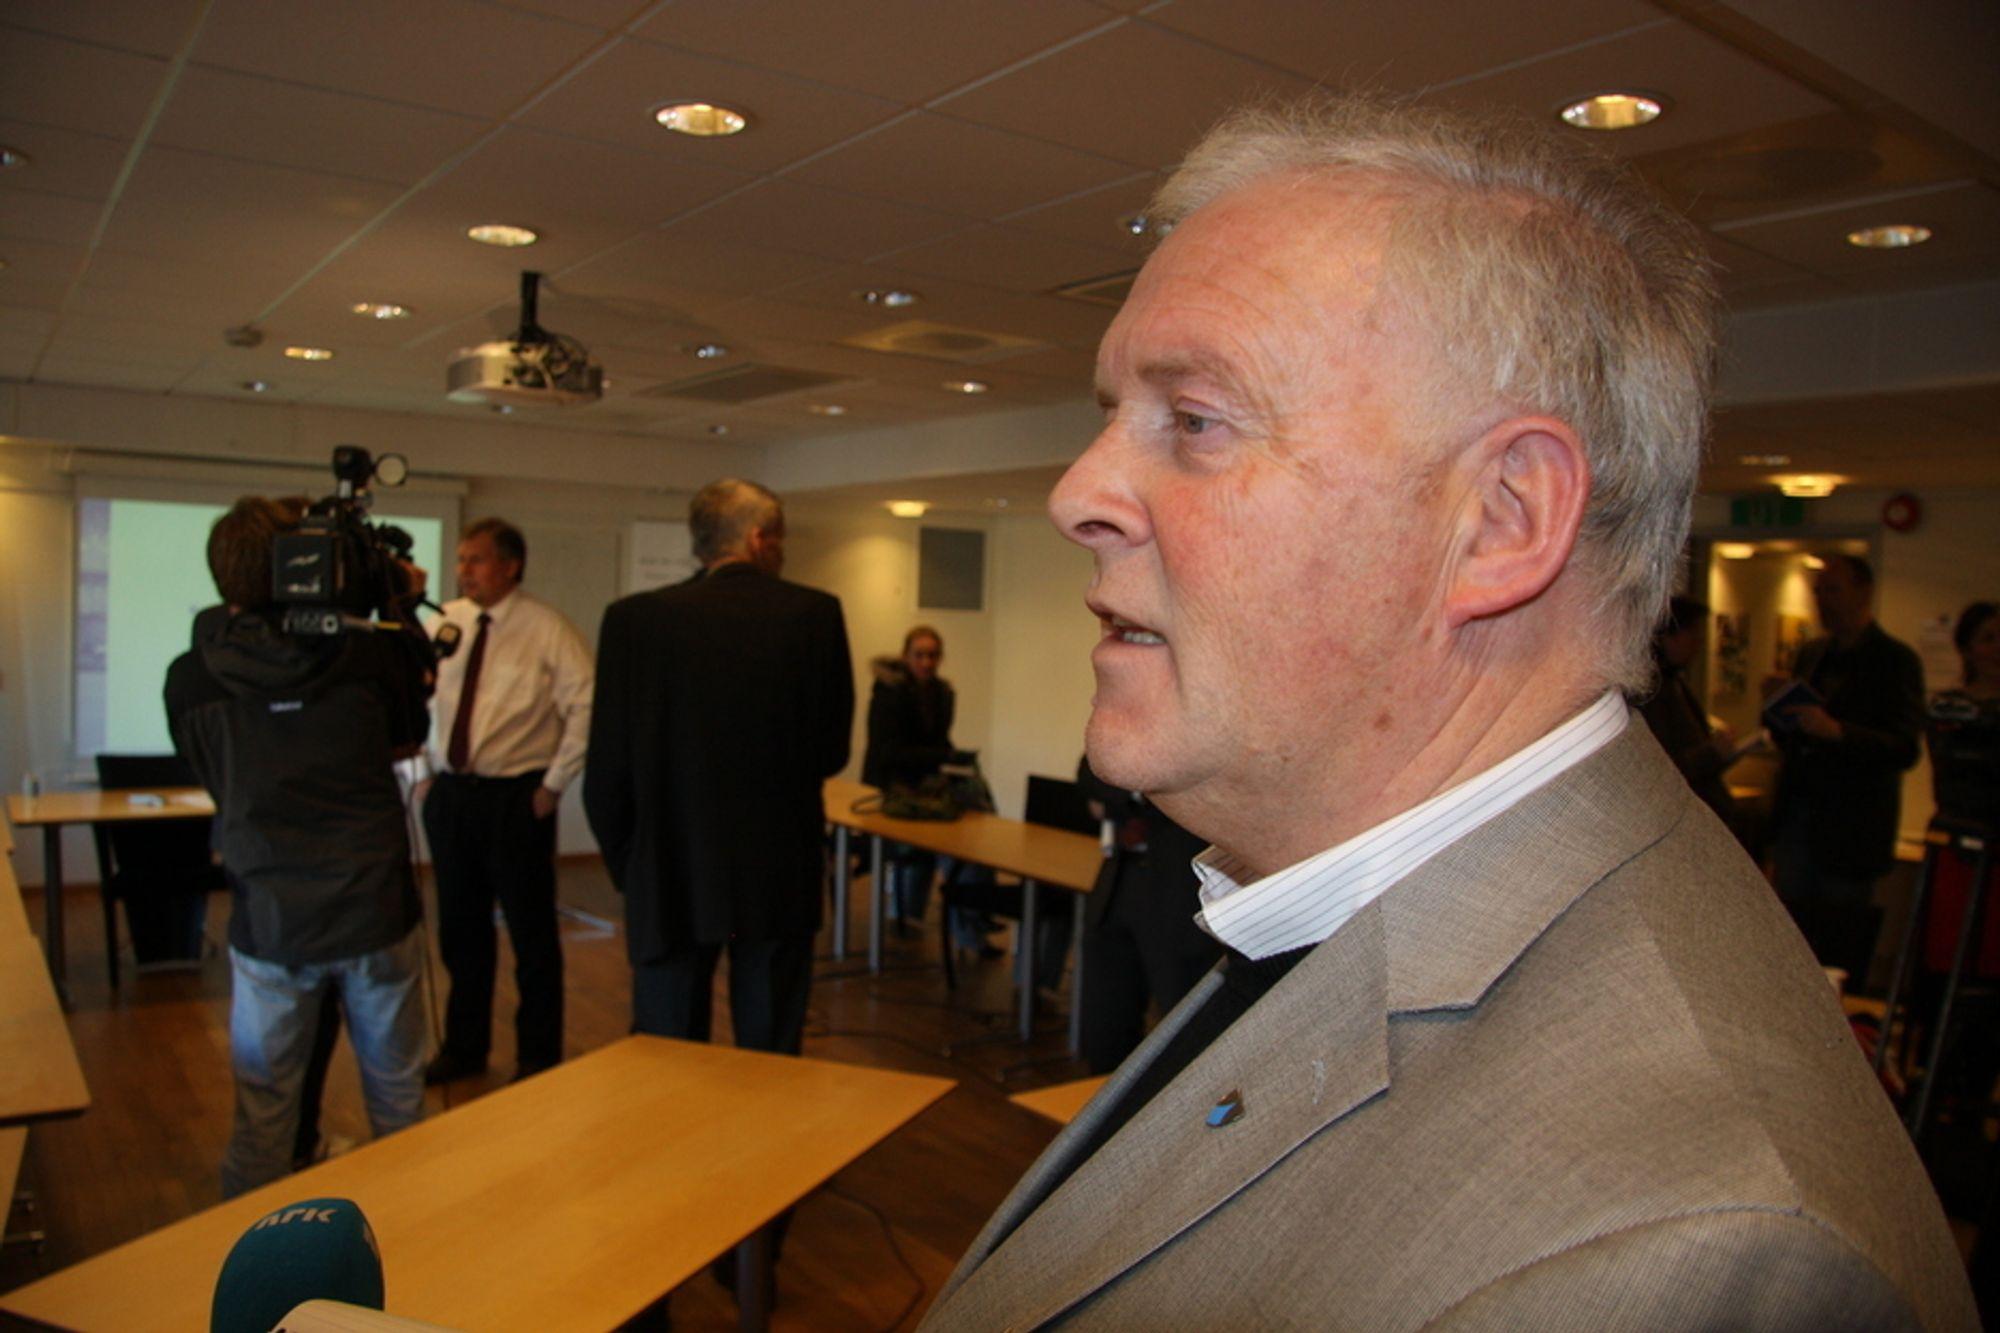 FÅR KABELSØKNAD: - Det var en gladnyhet for oss, sier Sykkylven-ordfører Jan Kåre Aurdal (KrF). Statnett pålegges å søke om sjøkabel mellom Store Standal og Ørskog. Blir den bygget slipper Sykkylven unna kraftlinjen Ørskog-Fardal.